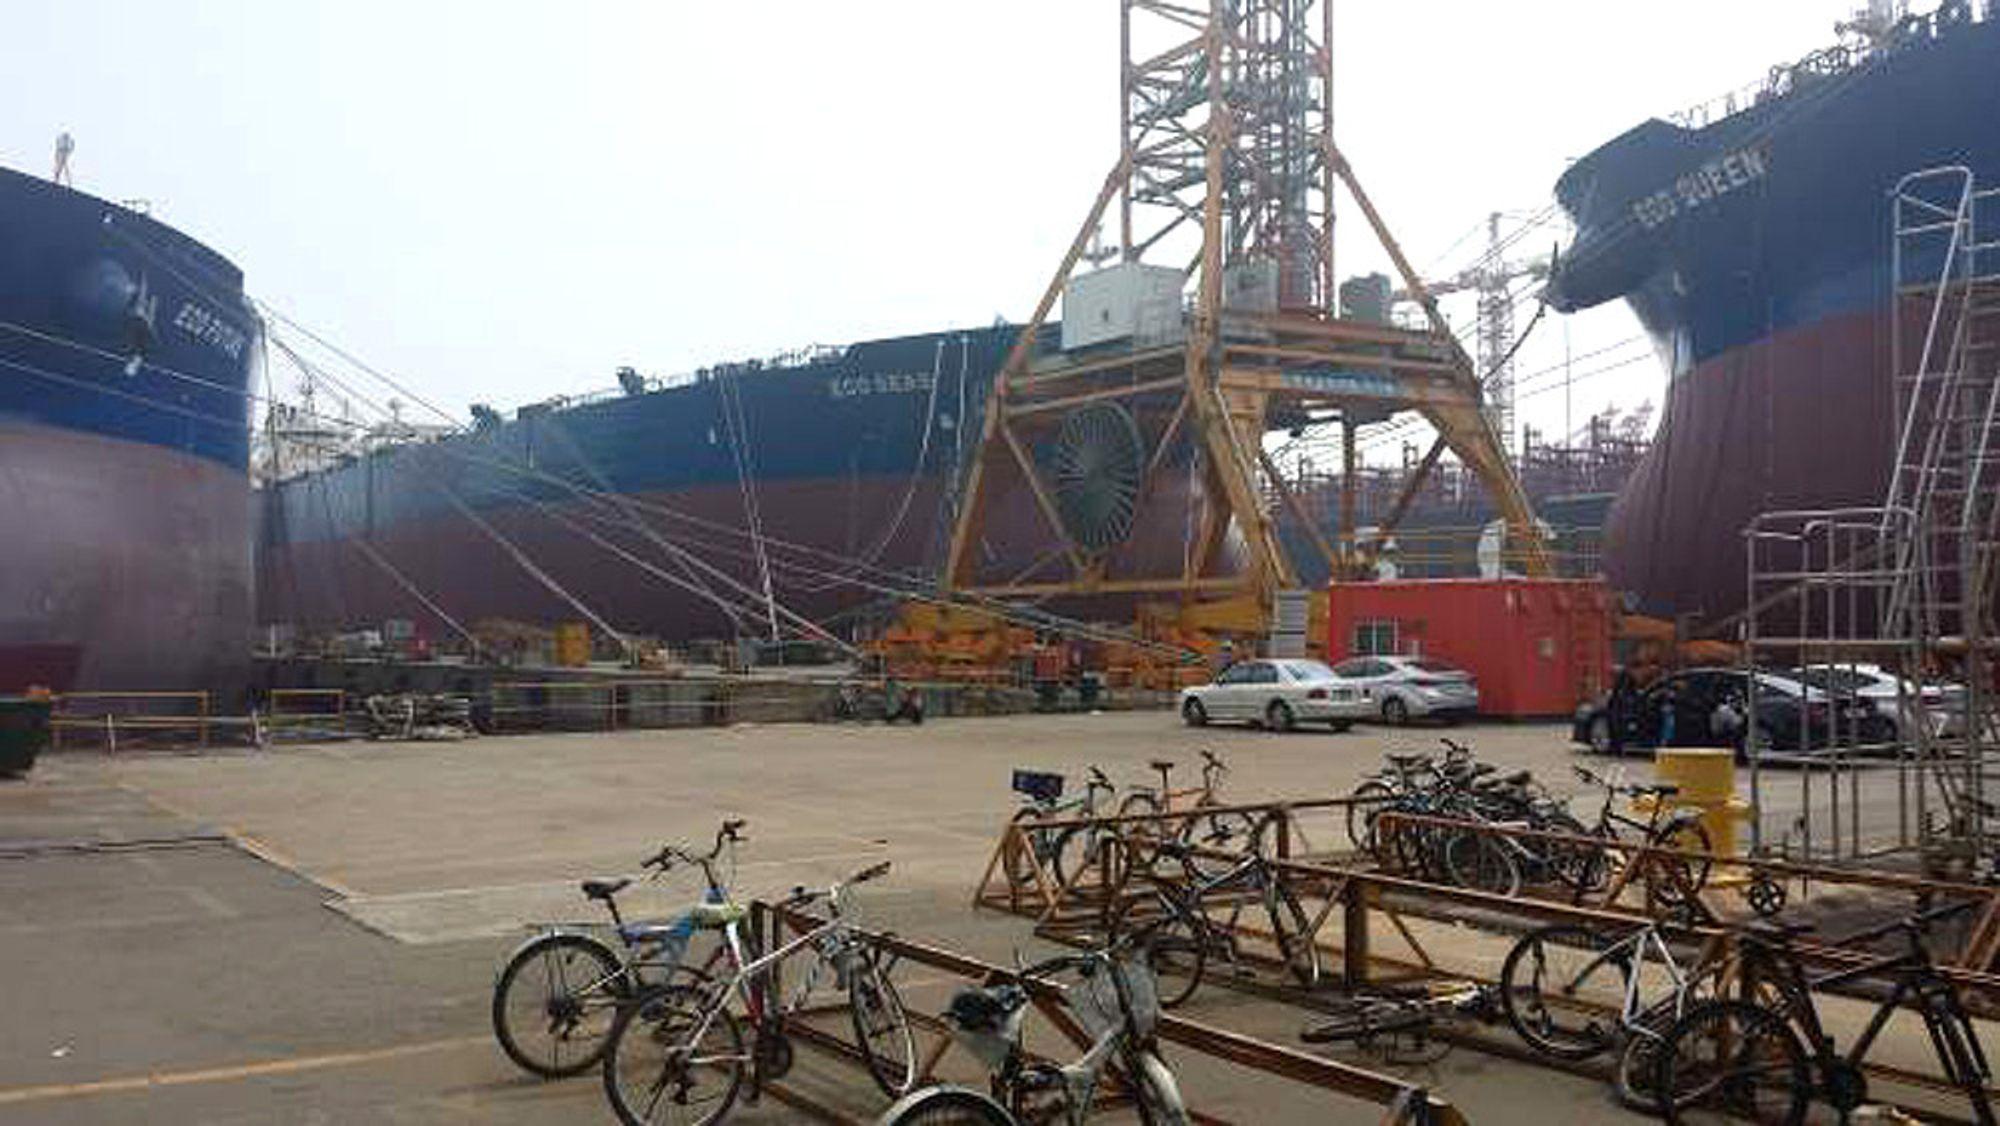 Eco Future sammen med søsterskipene Eco Queen og Eco Seas. Eco Queen blir overlevert ca. 20. september, Eco Seas ca. 5. oktober.